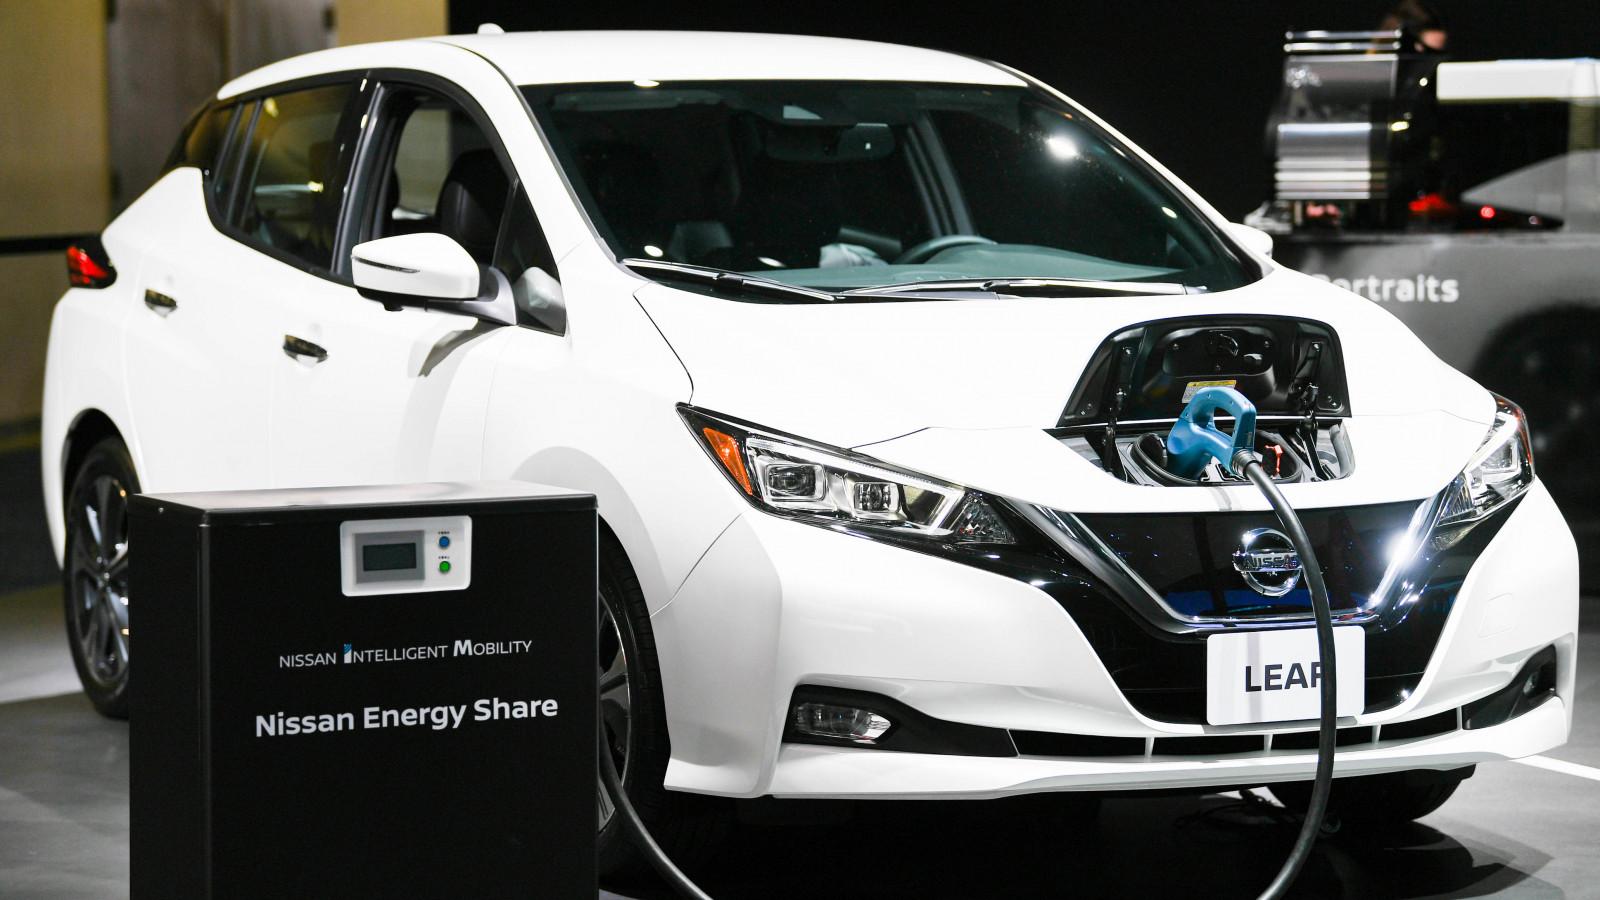 Bộ Tài chính cần có sự điều chỉnh chính sách ưu đãi phù hợp như thuế tiêu thụ đặc biệt và lệ phí trước bạ đối với ô tô điện.